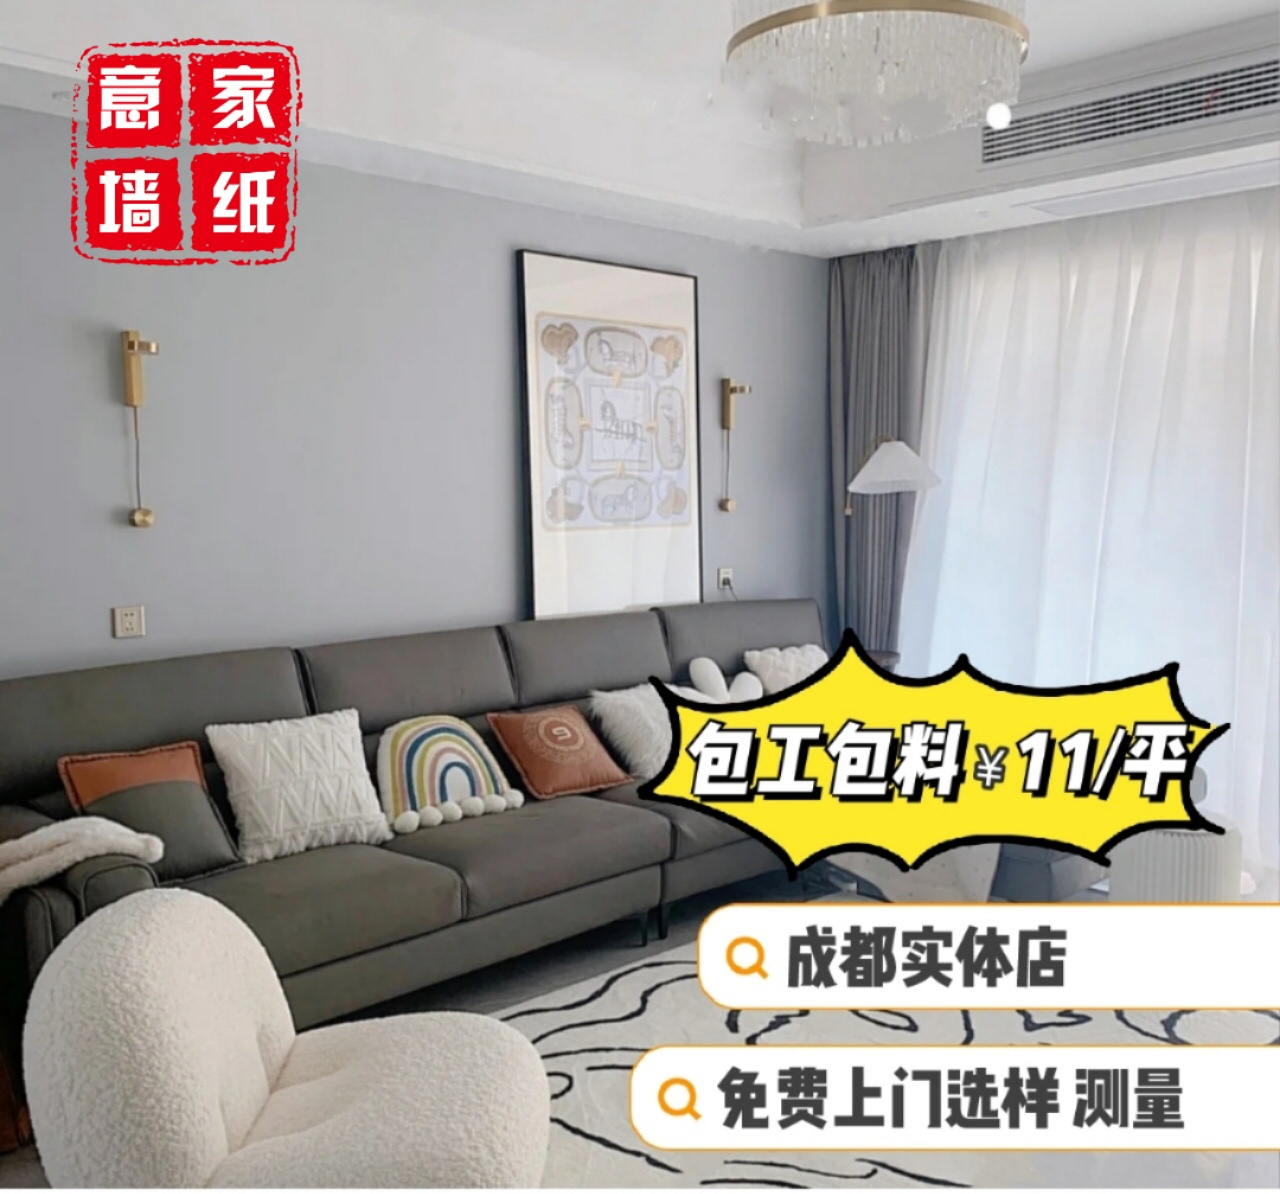 成都シームレスな壁布はシンプルで無地の壁紙の直売です。現代の純色の刺繍リビングルームのテレビ壁はカスタマイズできます。